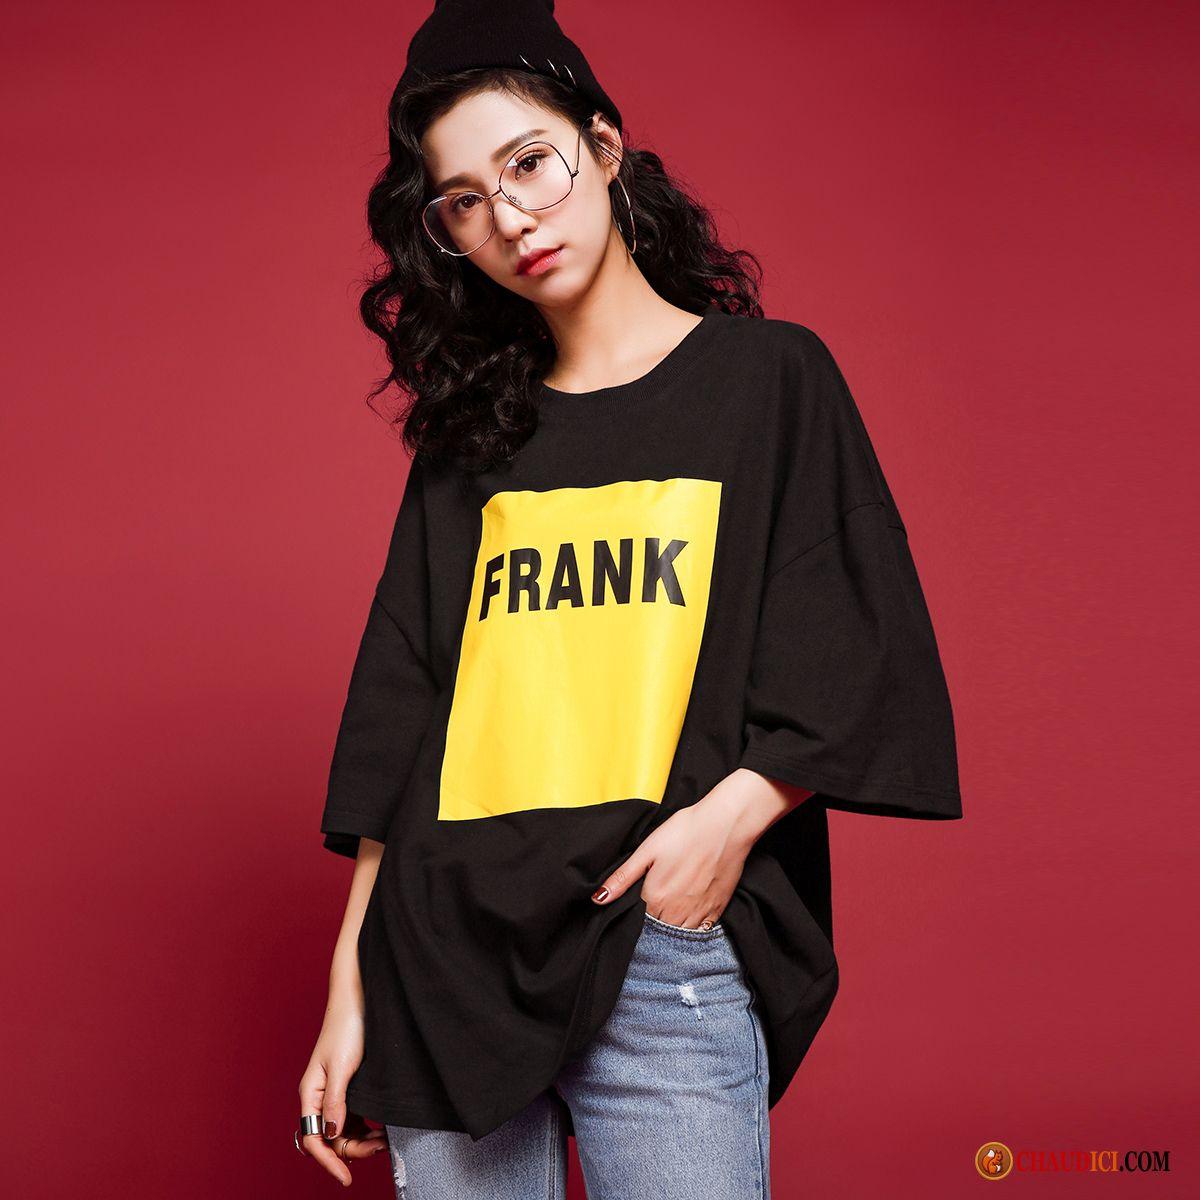 b7700eae3a0c7 Tee Shirt Femme Classe Neige T-shirt Femme Col Rond Printemps Manche En  Ligne